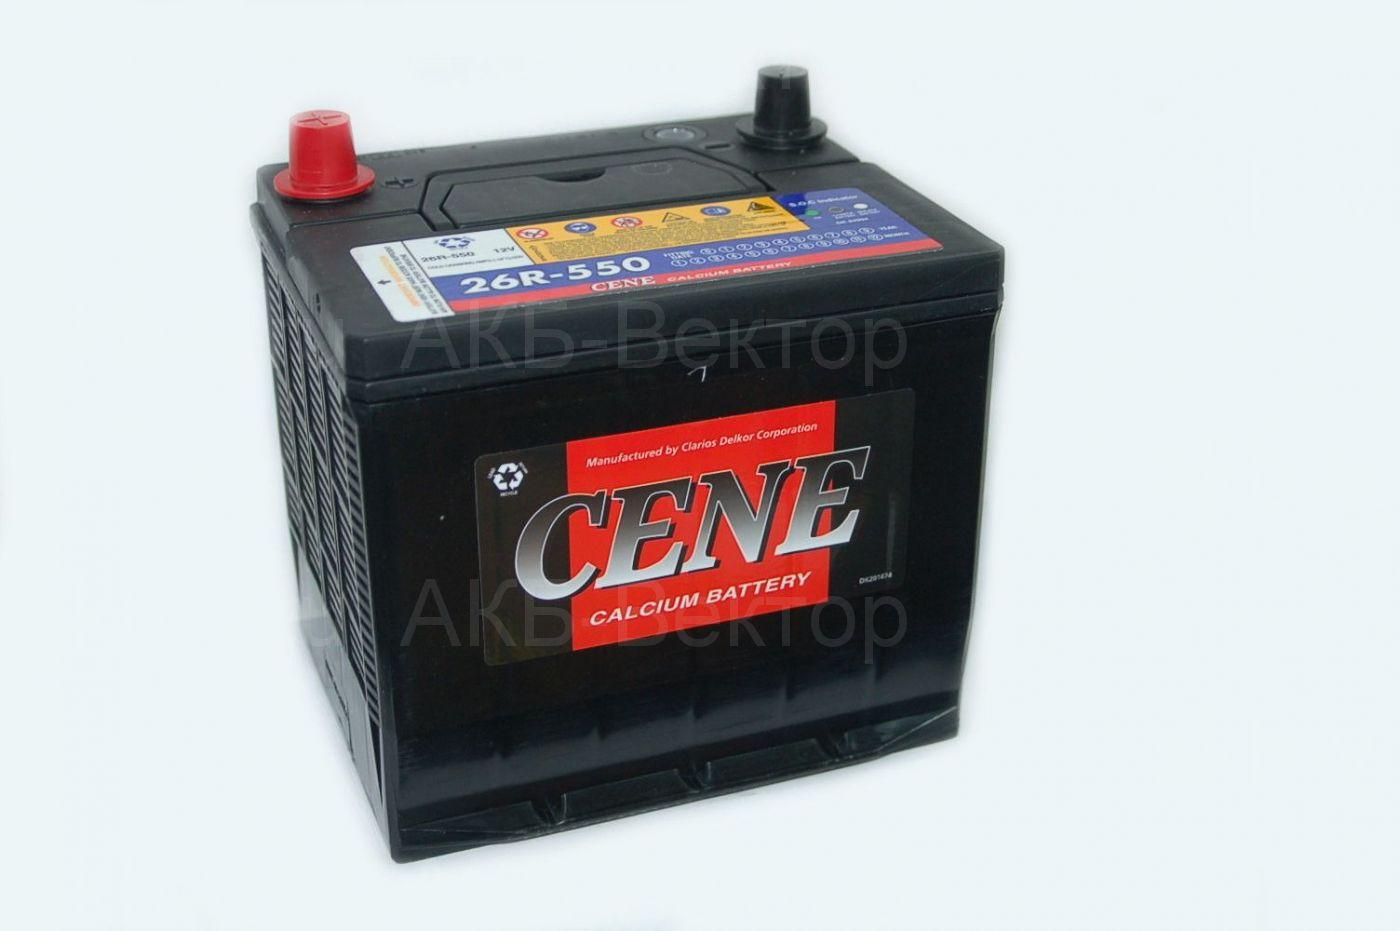 CENE 26R-550 58Ач